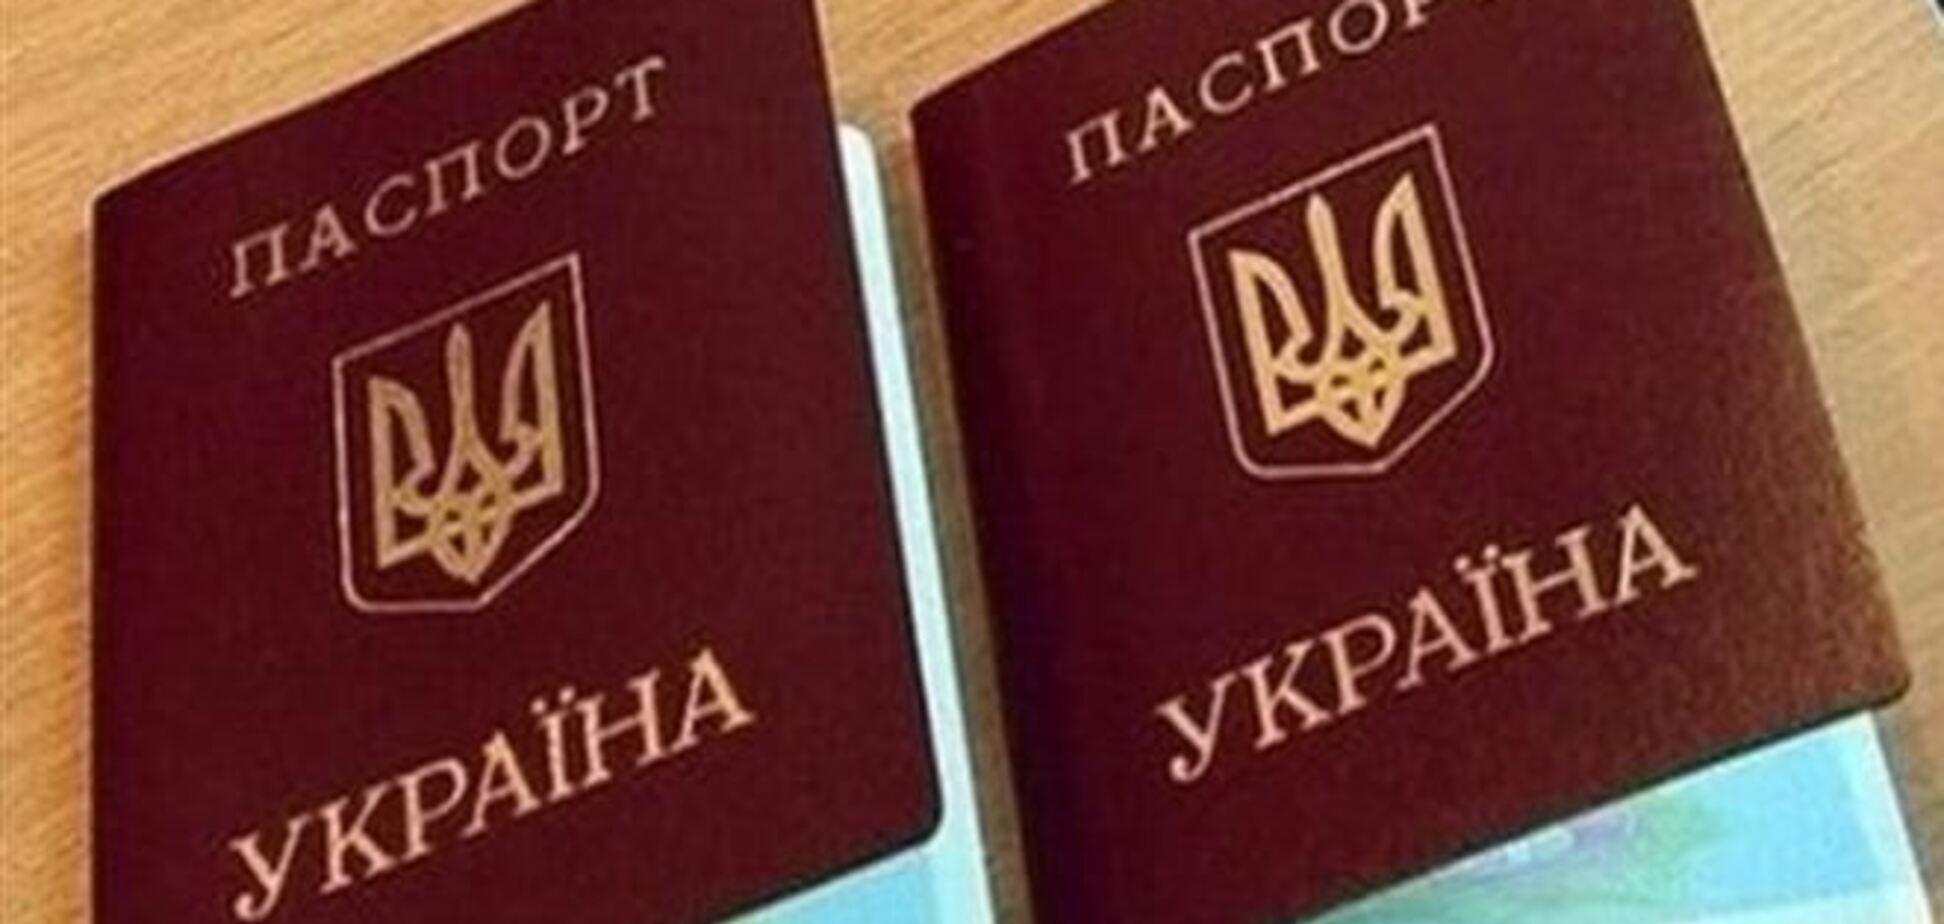 На польской границе задержаны грузины, забывшие 'свои' имена Максим и Константин